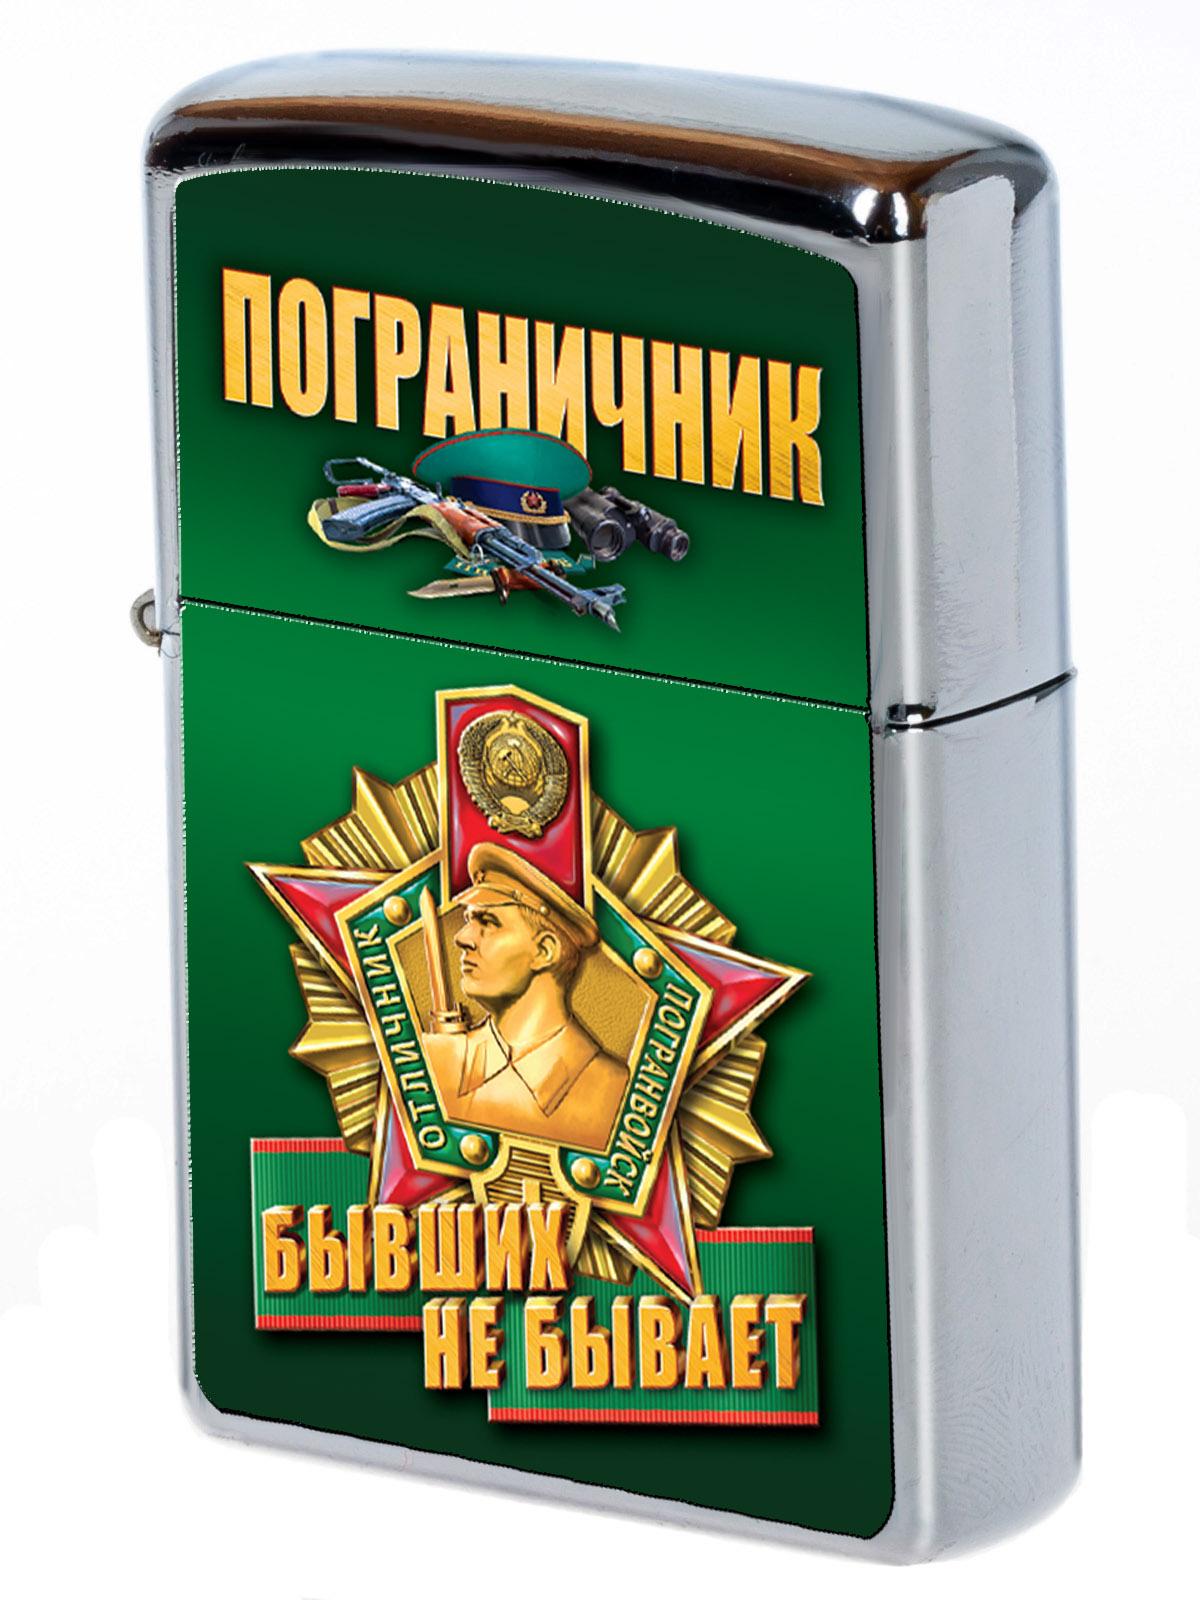 Оригинальная бензиновая зажигалка